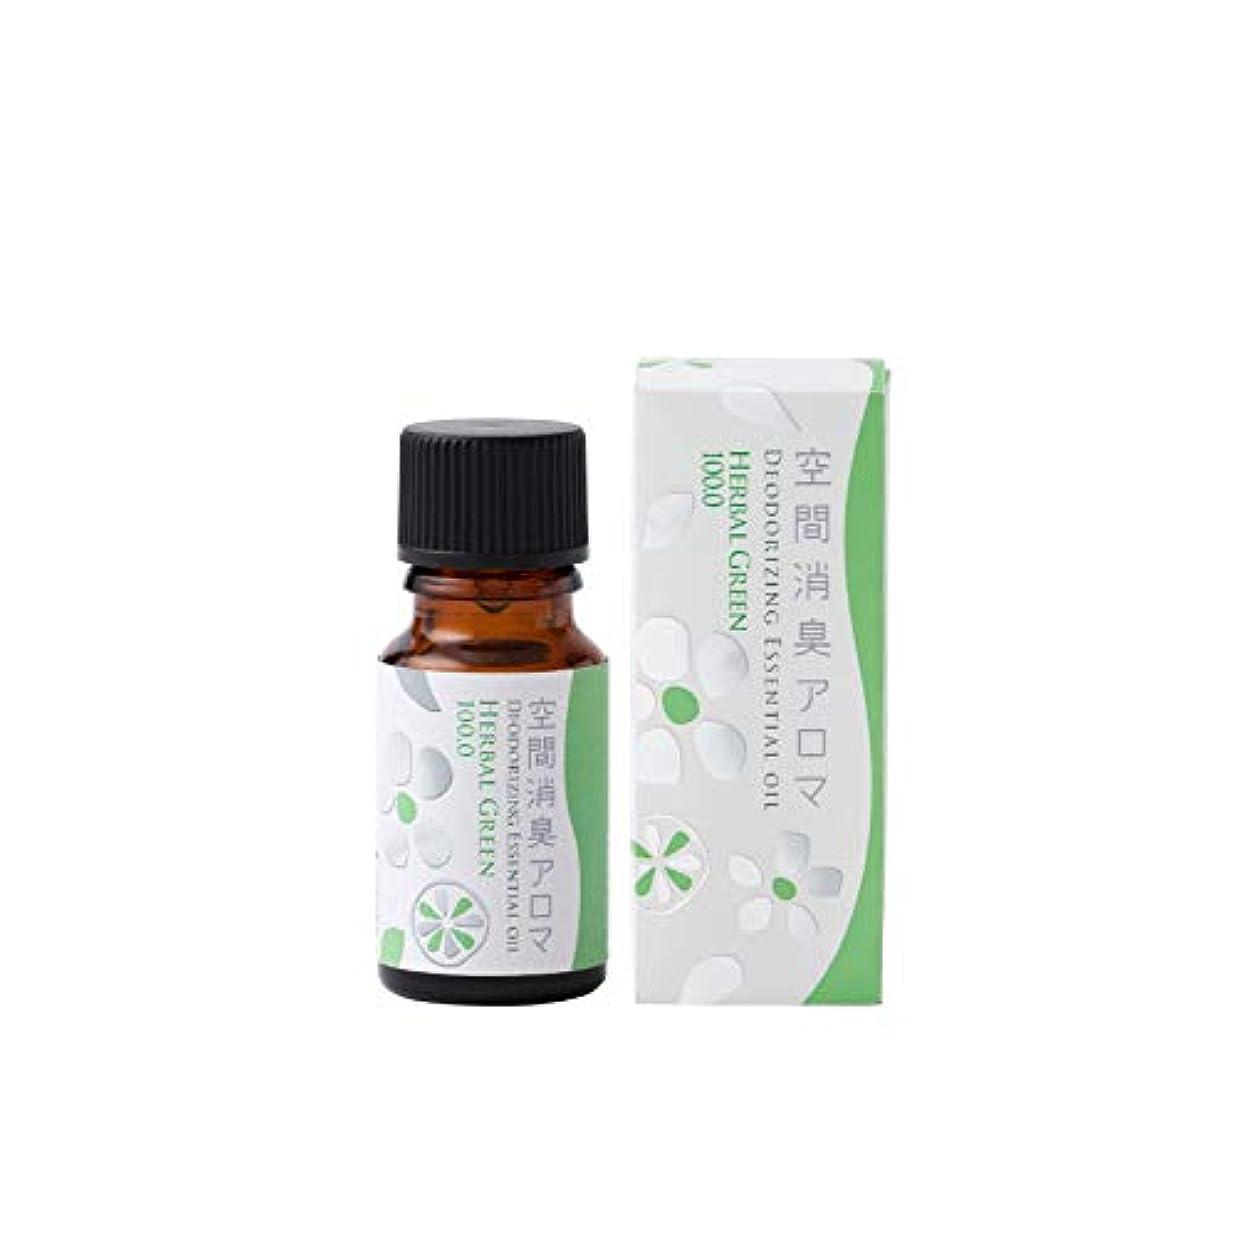 生活の木 ブレンド エッセンシャルオイル 空間消臭アロマ ハーバルグリーン 100.0 10ml エッセンシャルオイル 精油